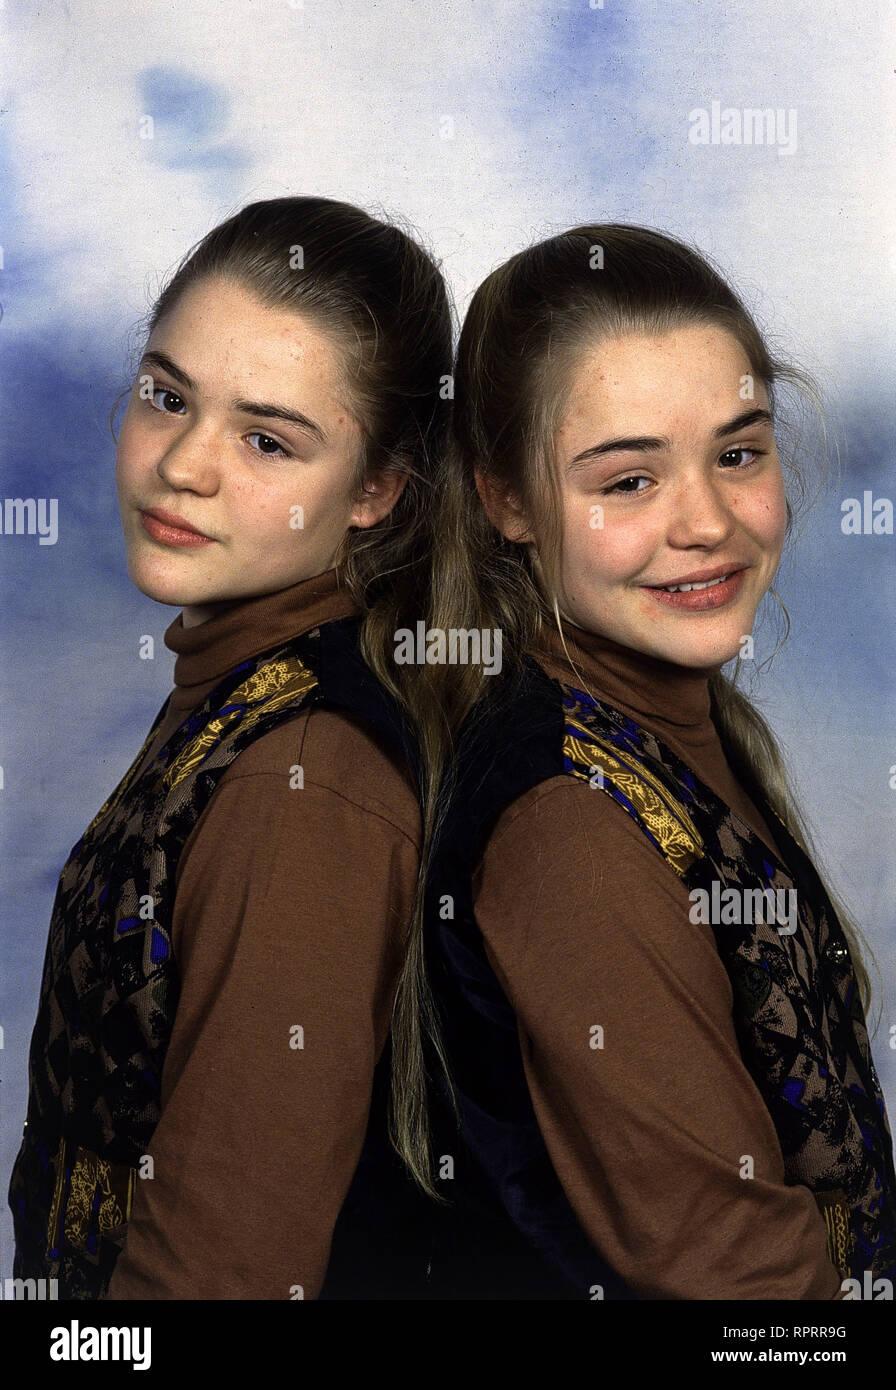 die zwillinge ashley und alicia